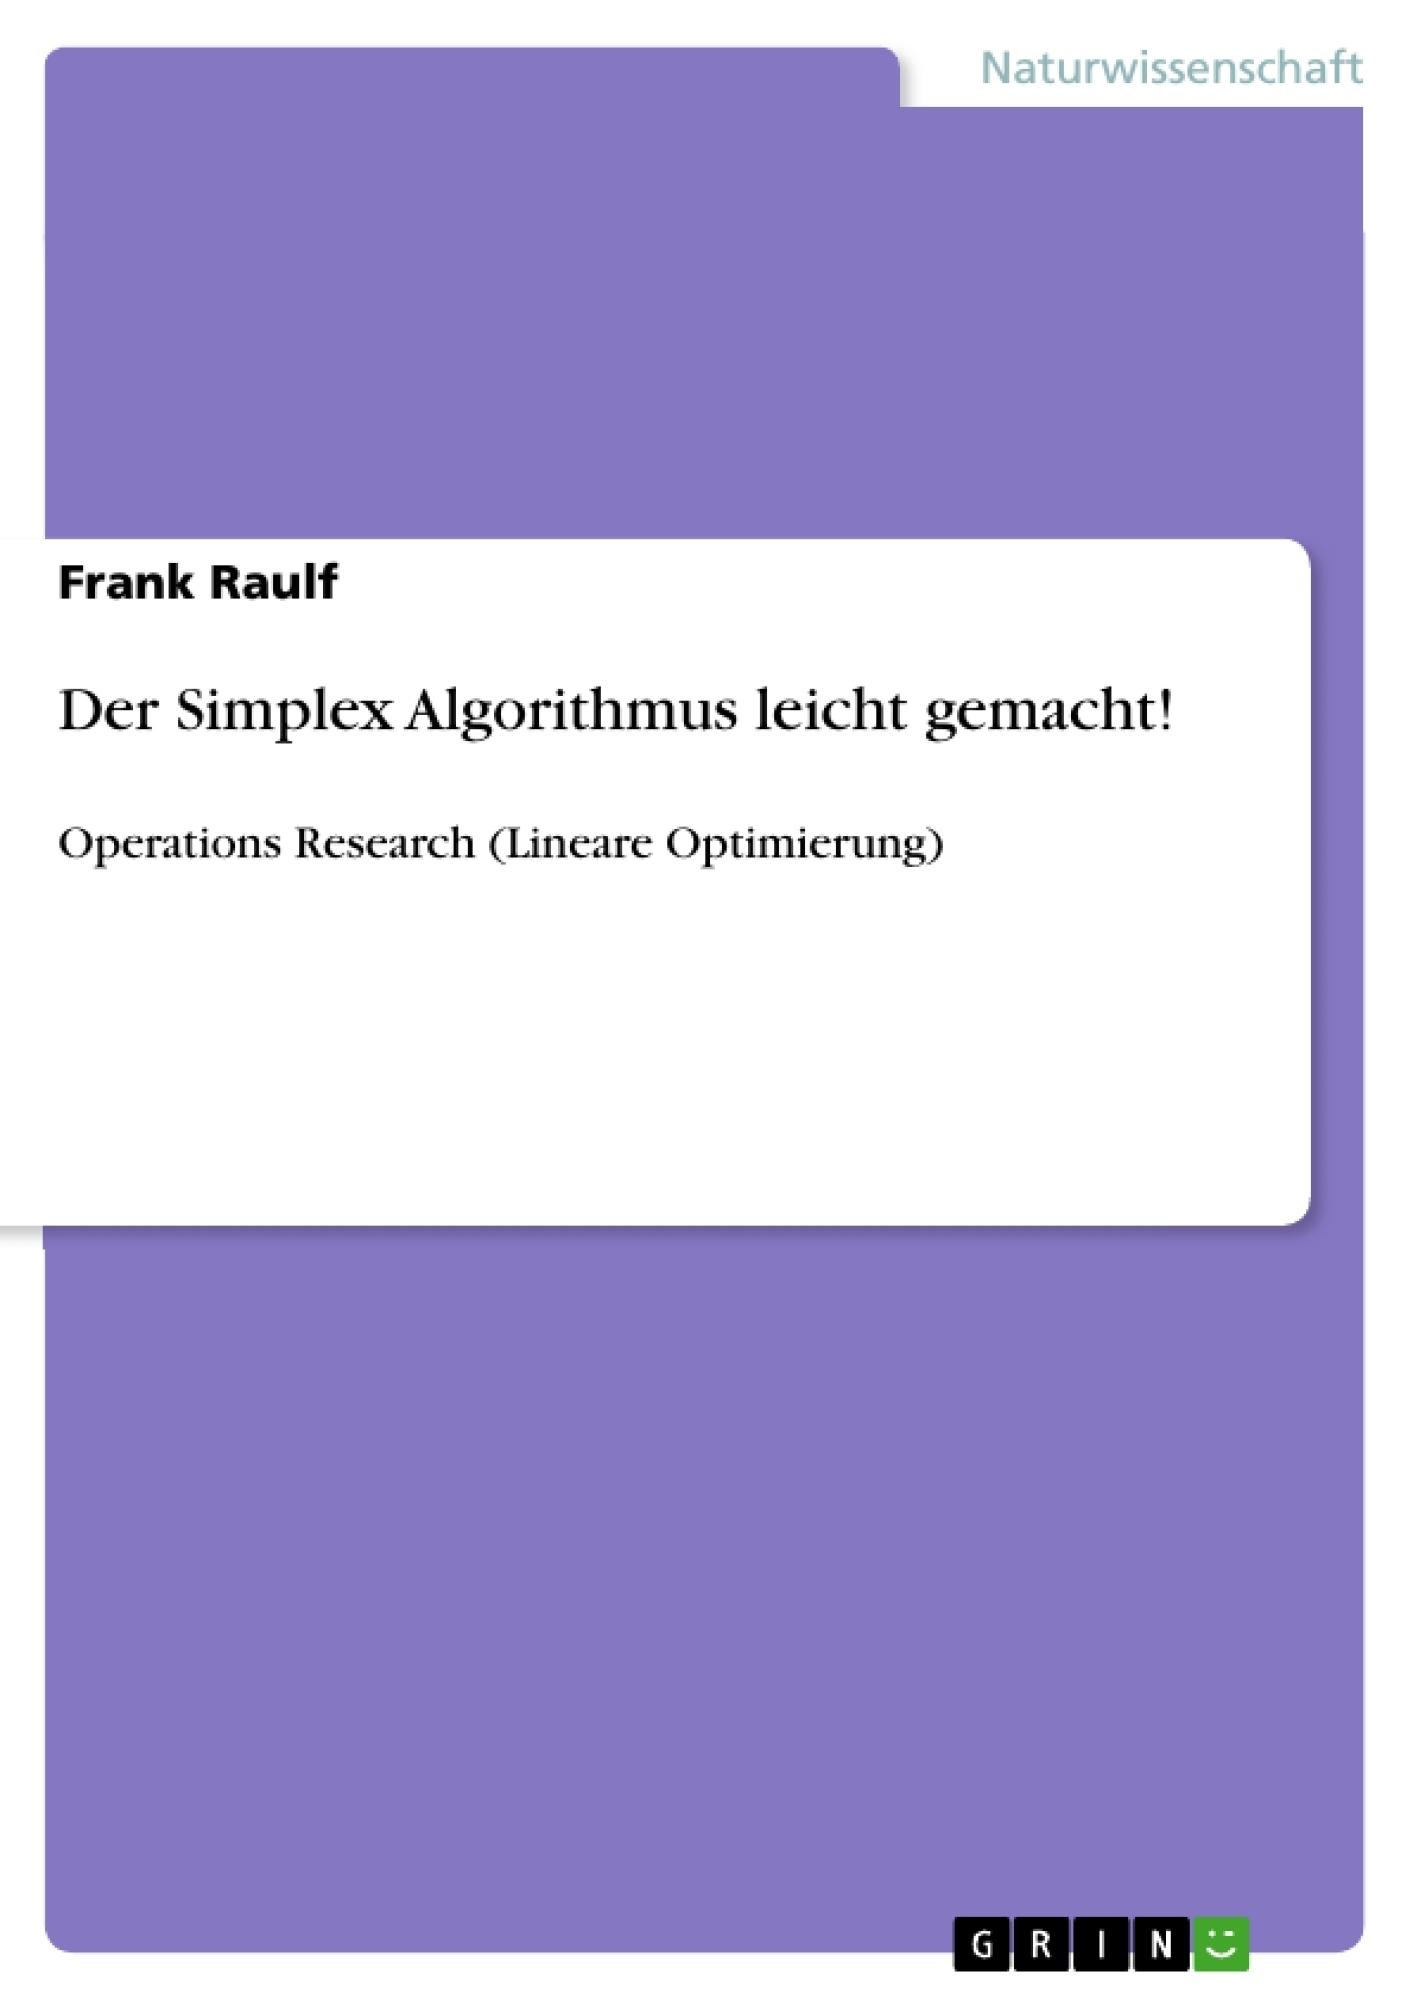 Titel: Der Simplex Algorithmus leicht gemacht!